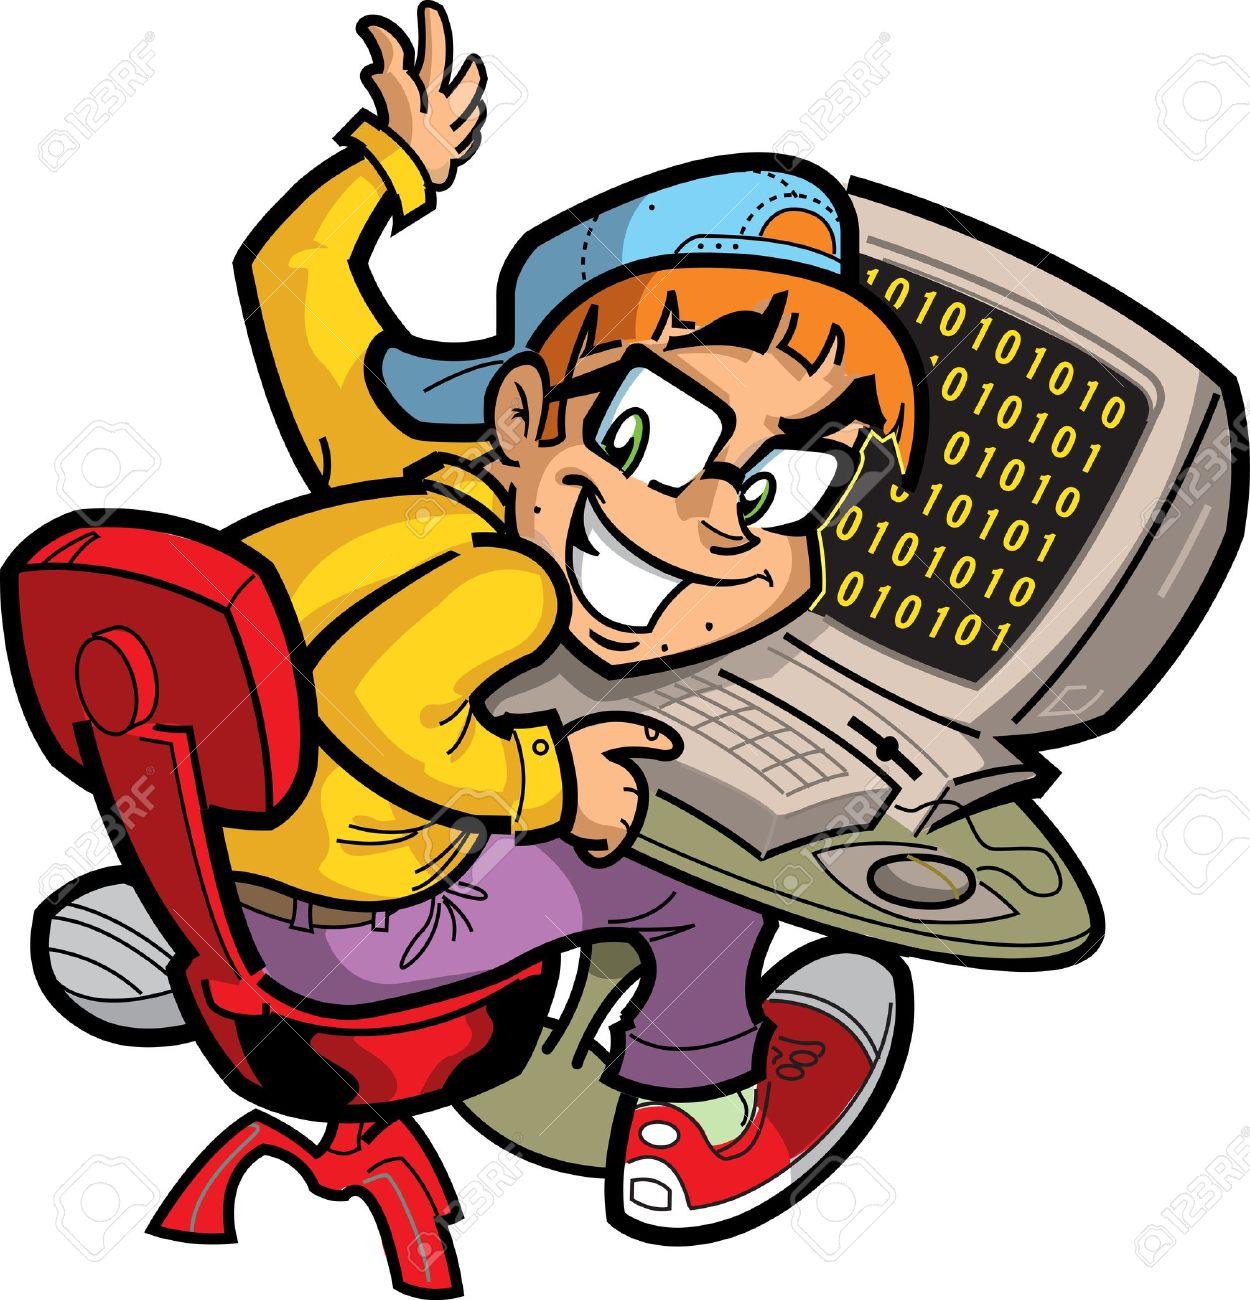 20687005 Happy Computer Nerd At His Computer Stock Vector Computer Cartoon Geek The Explode